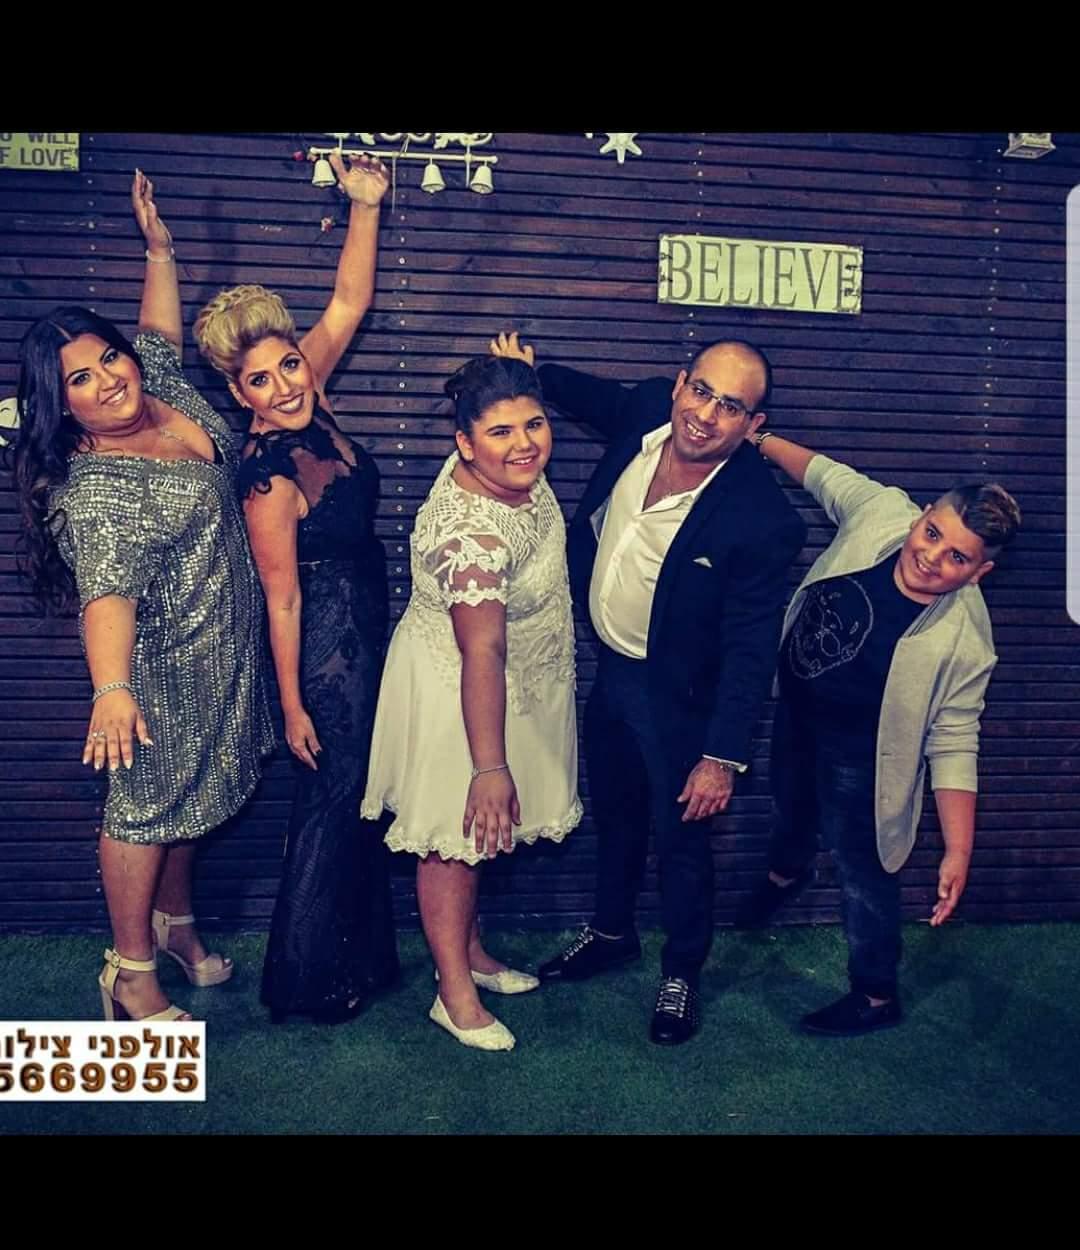 בת מצווה של השמחות... משפחת דאון חוגגת לאנאל באולמי שאפו צילום אולפני צילום שאול